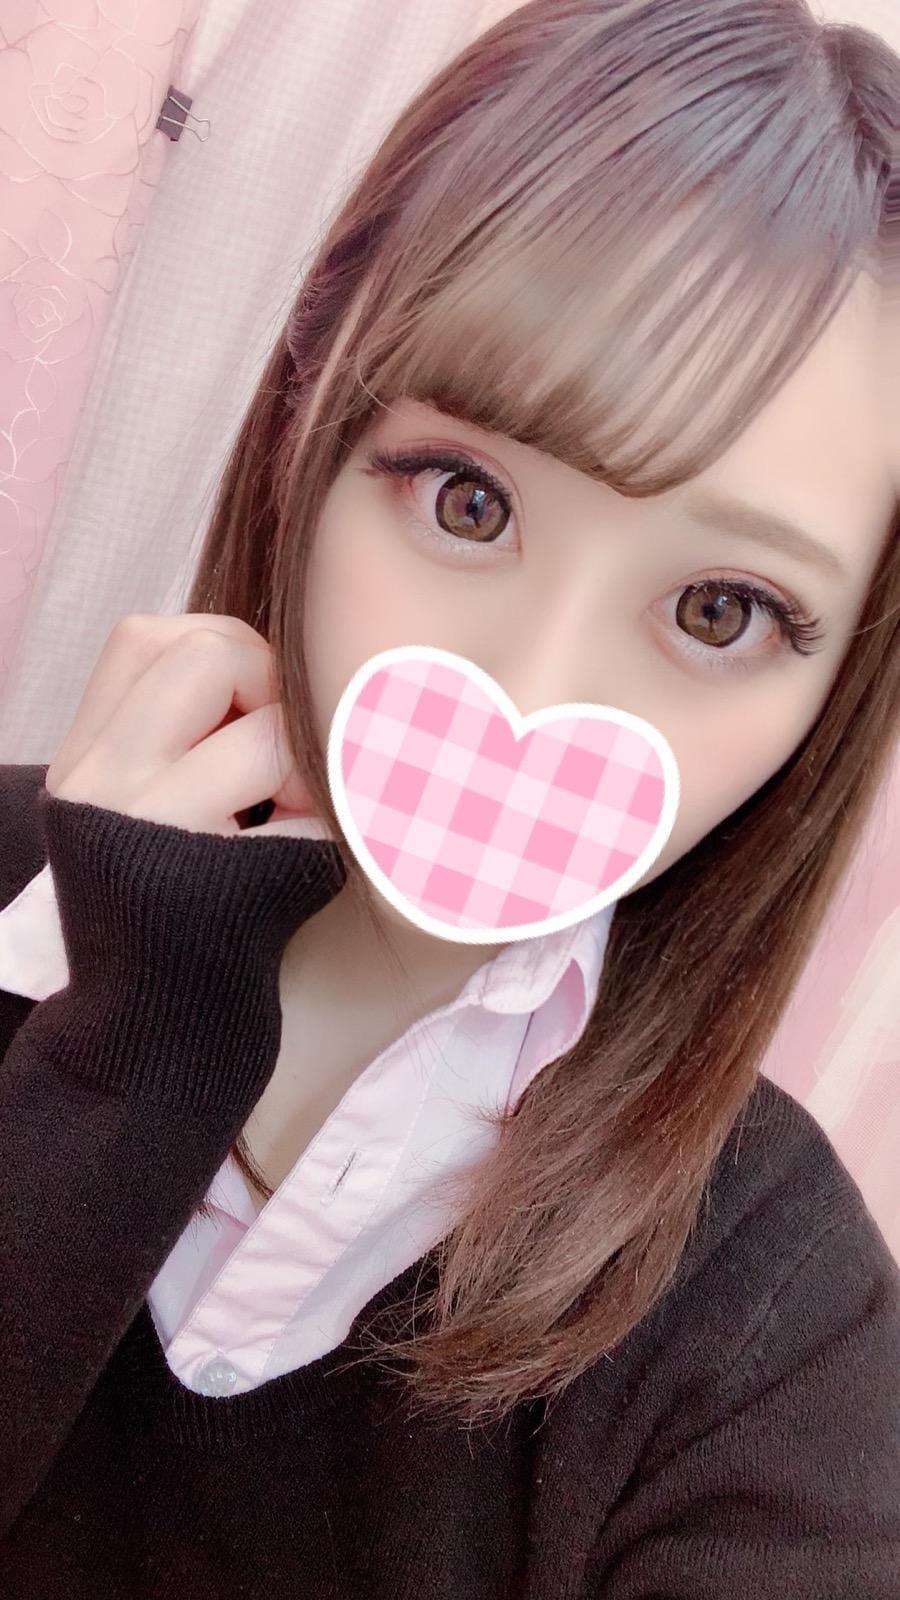 「ありがとう♡」12/04(12/04) 22:30 | 萌【新人】の写メ・風俗動画